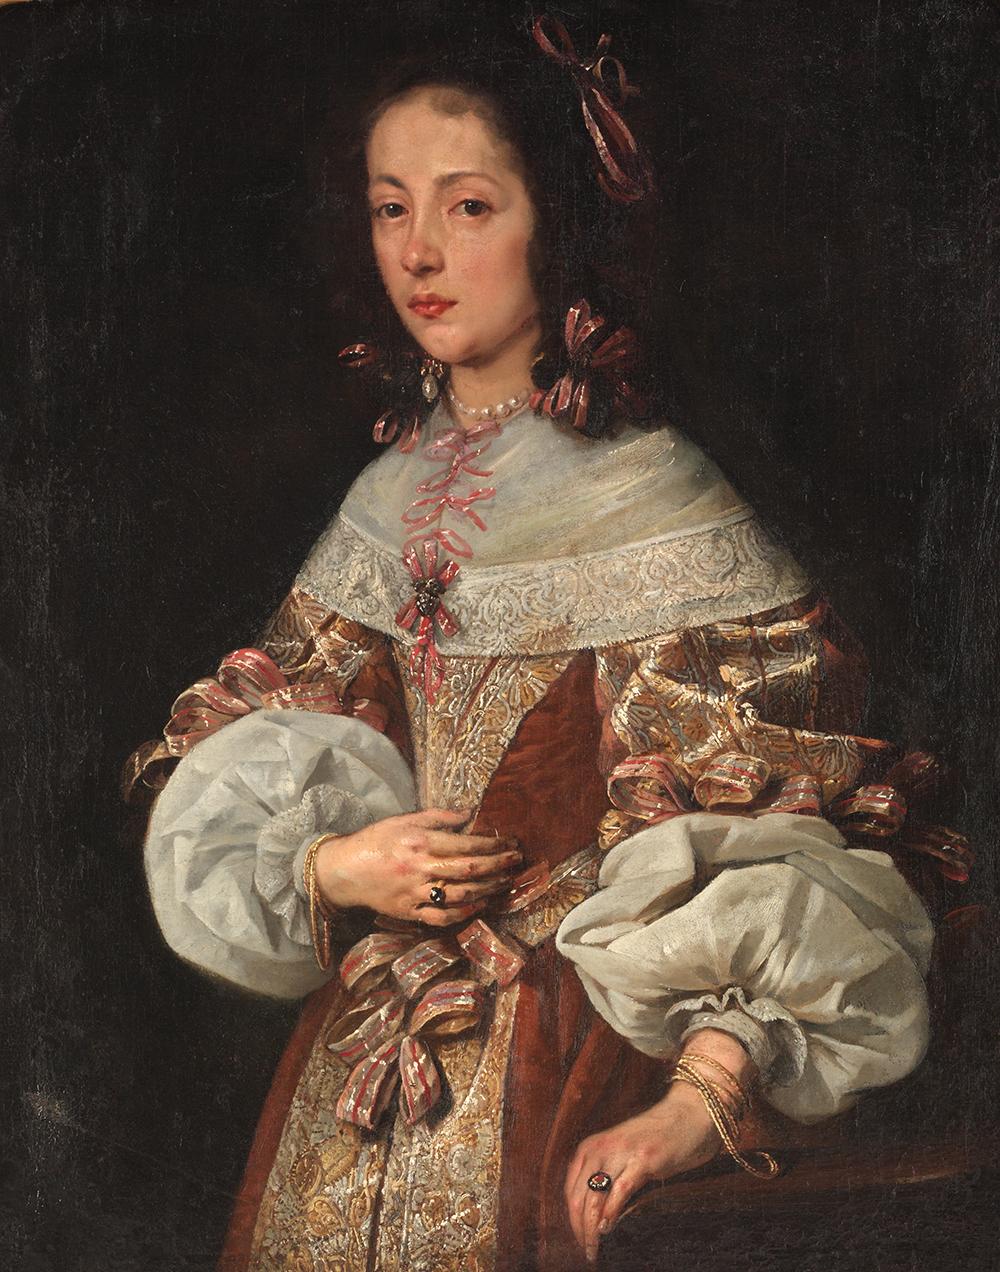 Pendant que Franz Pfyffer assurait les fonctions de commandant de la Garde suisse en France, sa femme Maria Magdalena s'occupait des tâches administratives en Suisse.